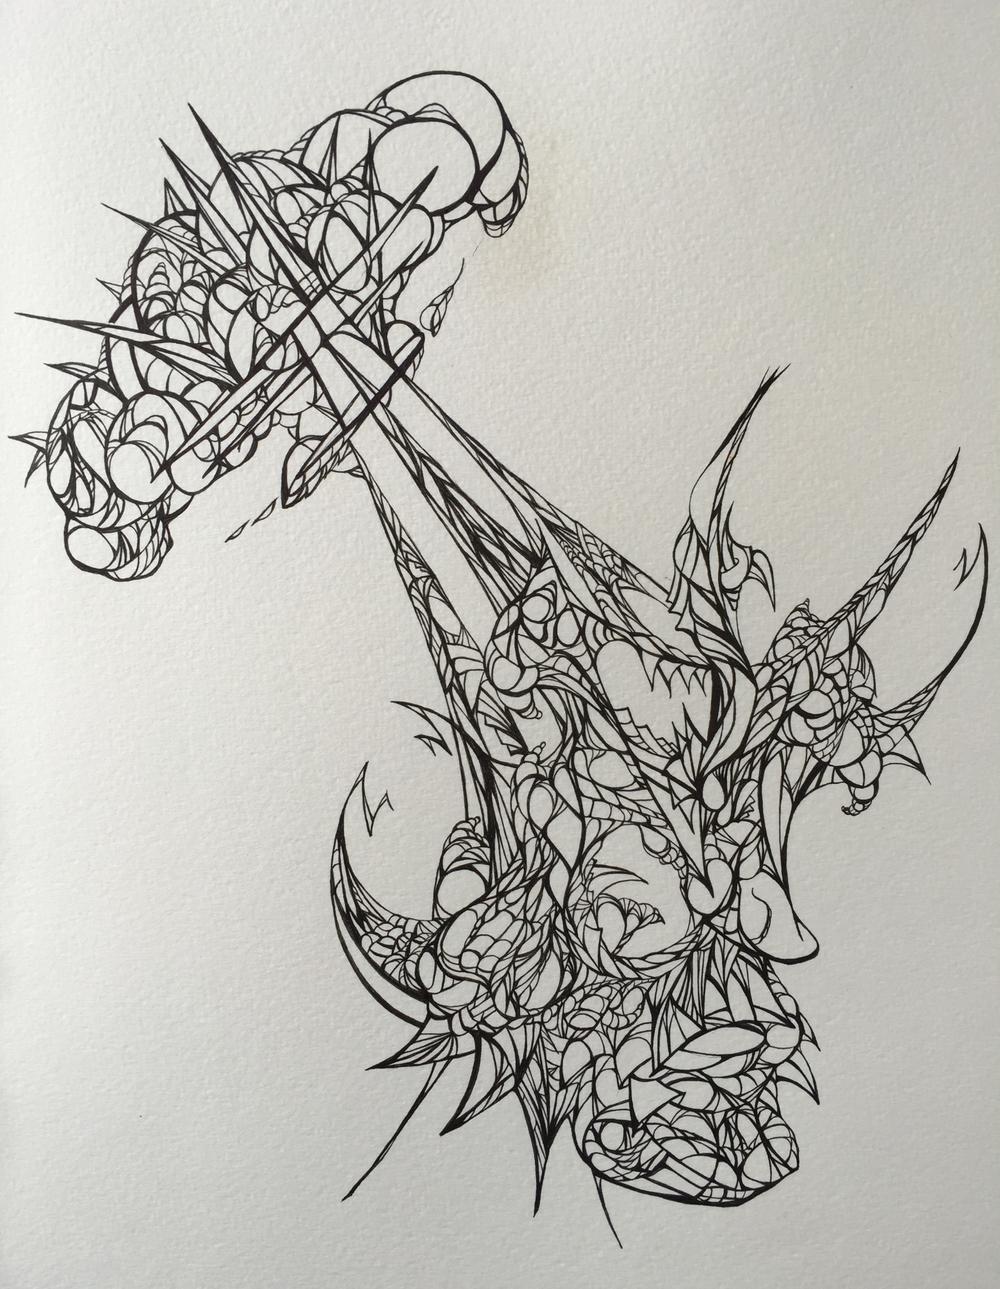 melted mind ink drawings on paper meltedmindesign